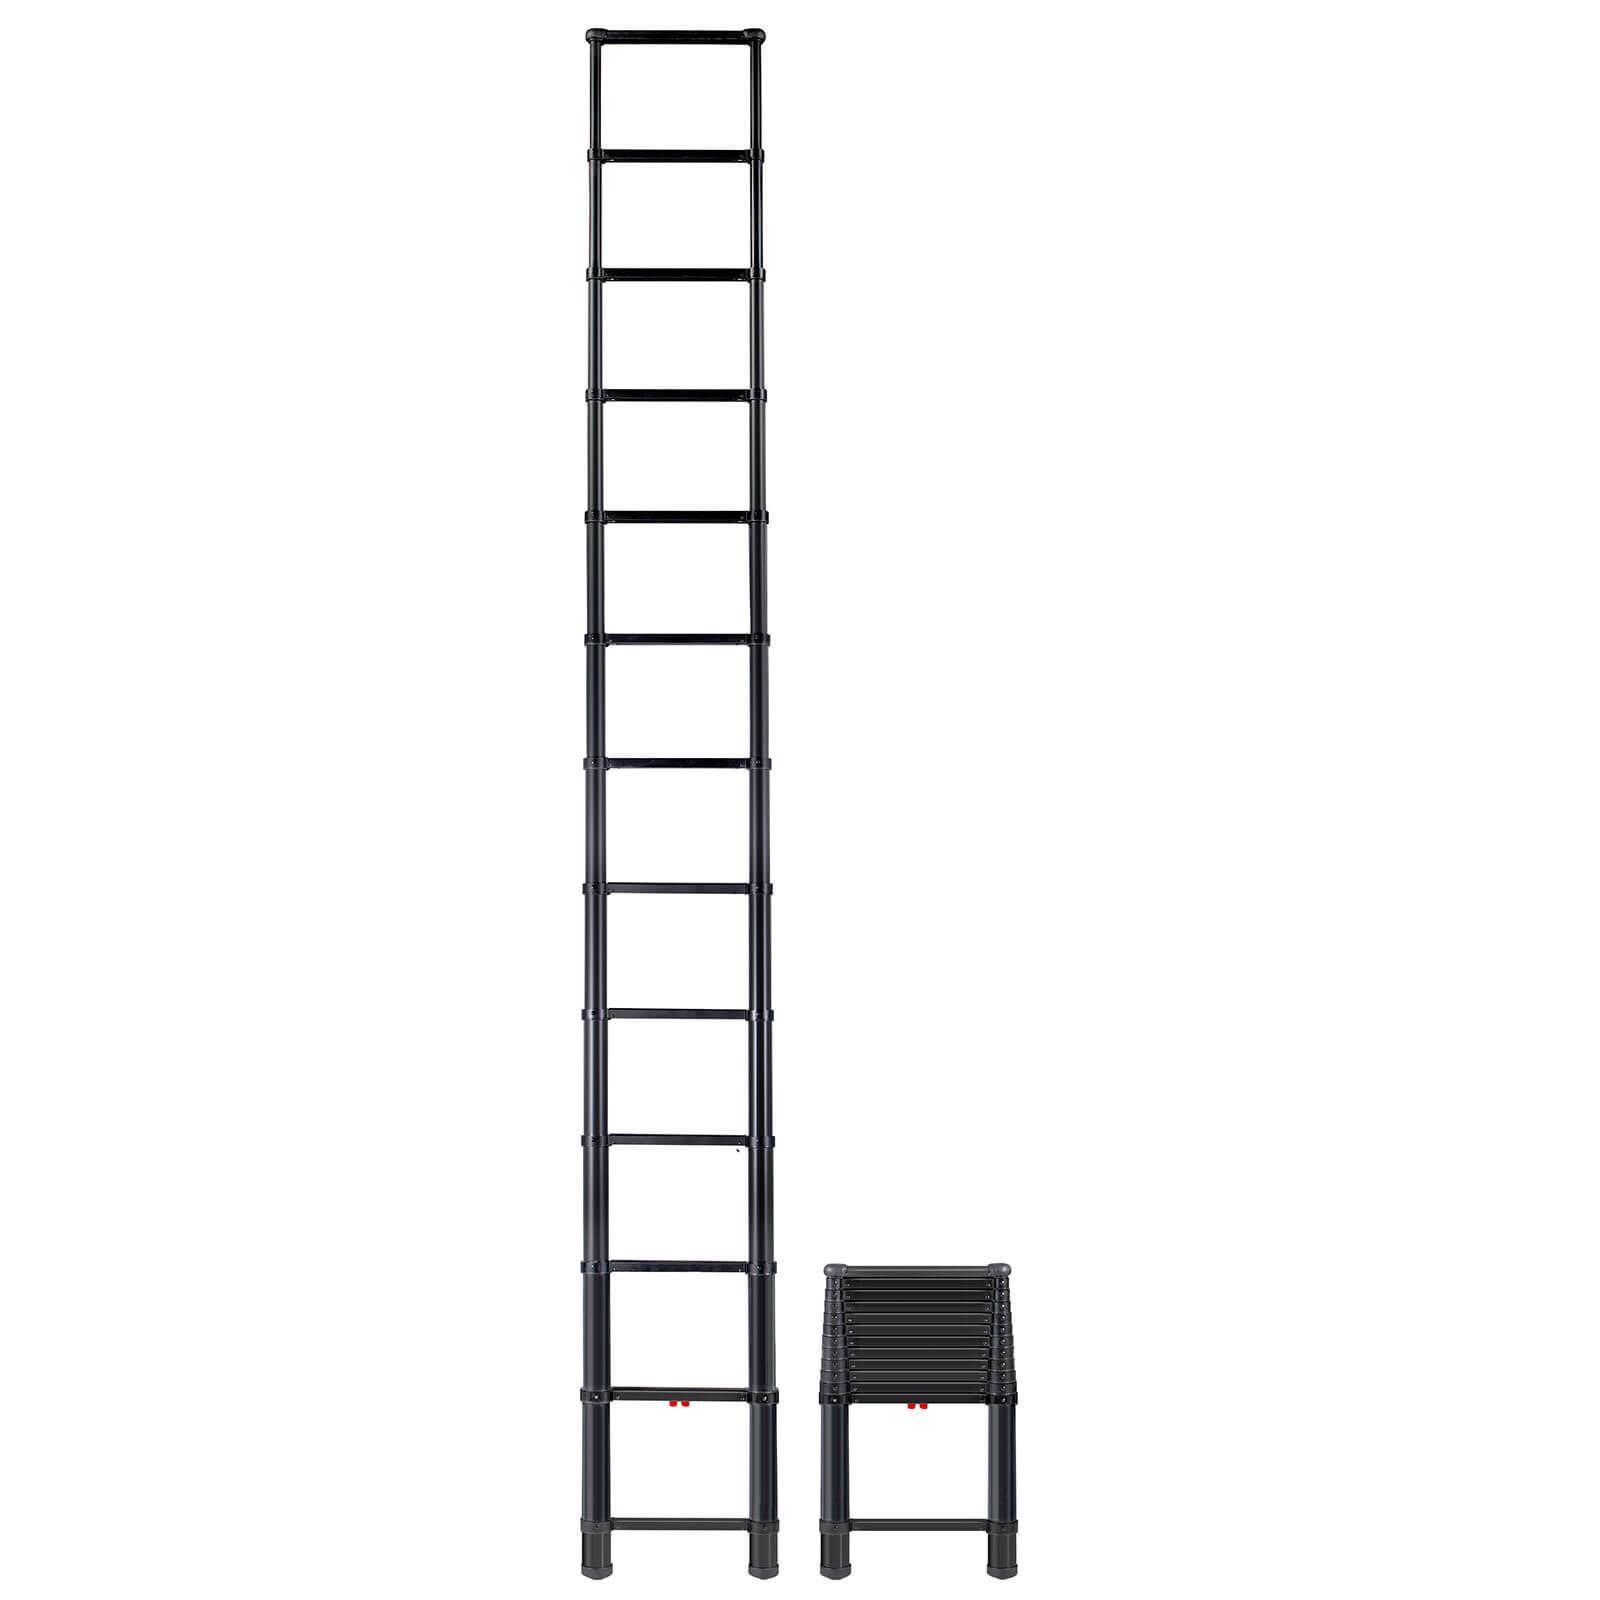 Telesteps 16 Black Tactical Extension Ladder